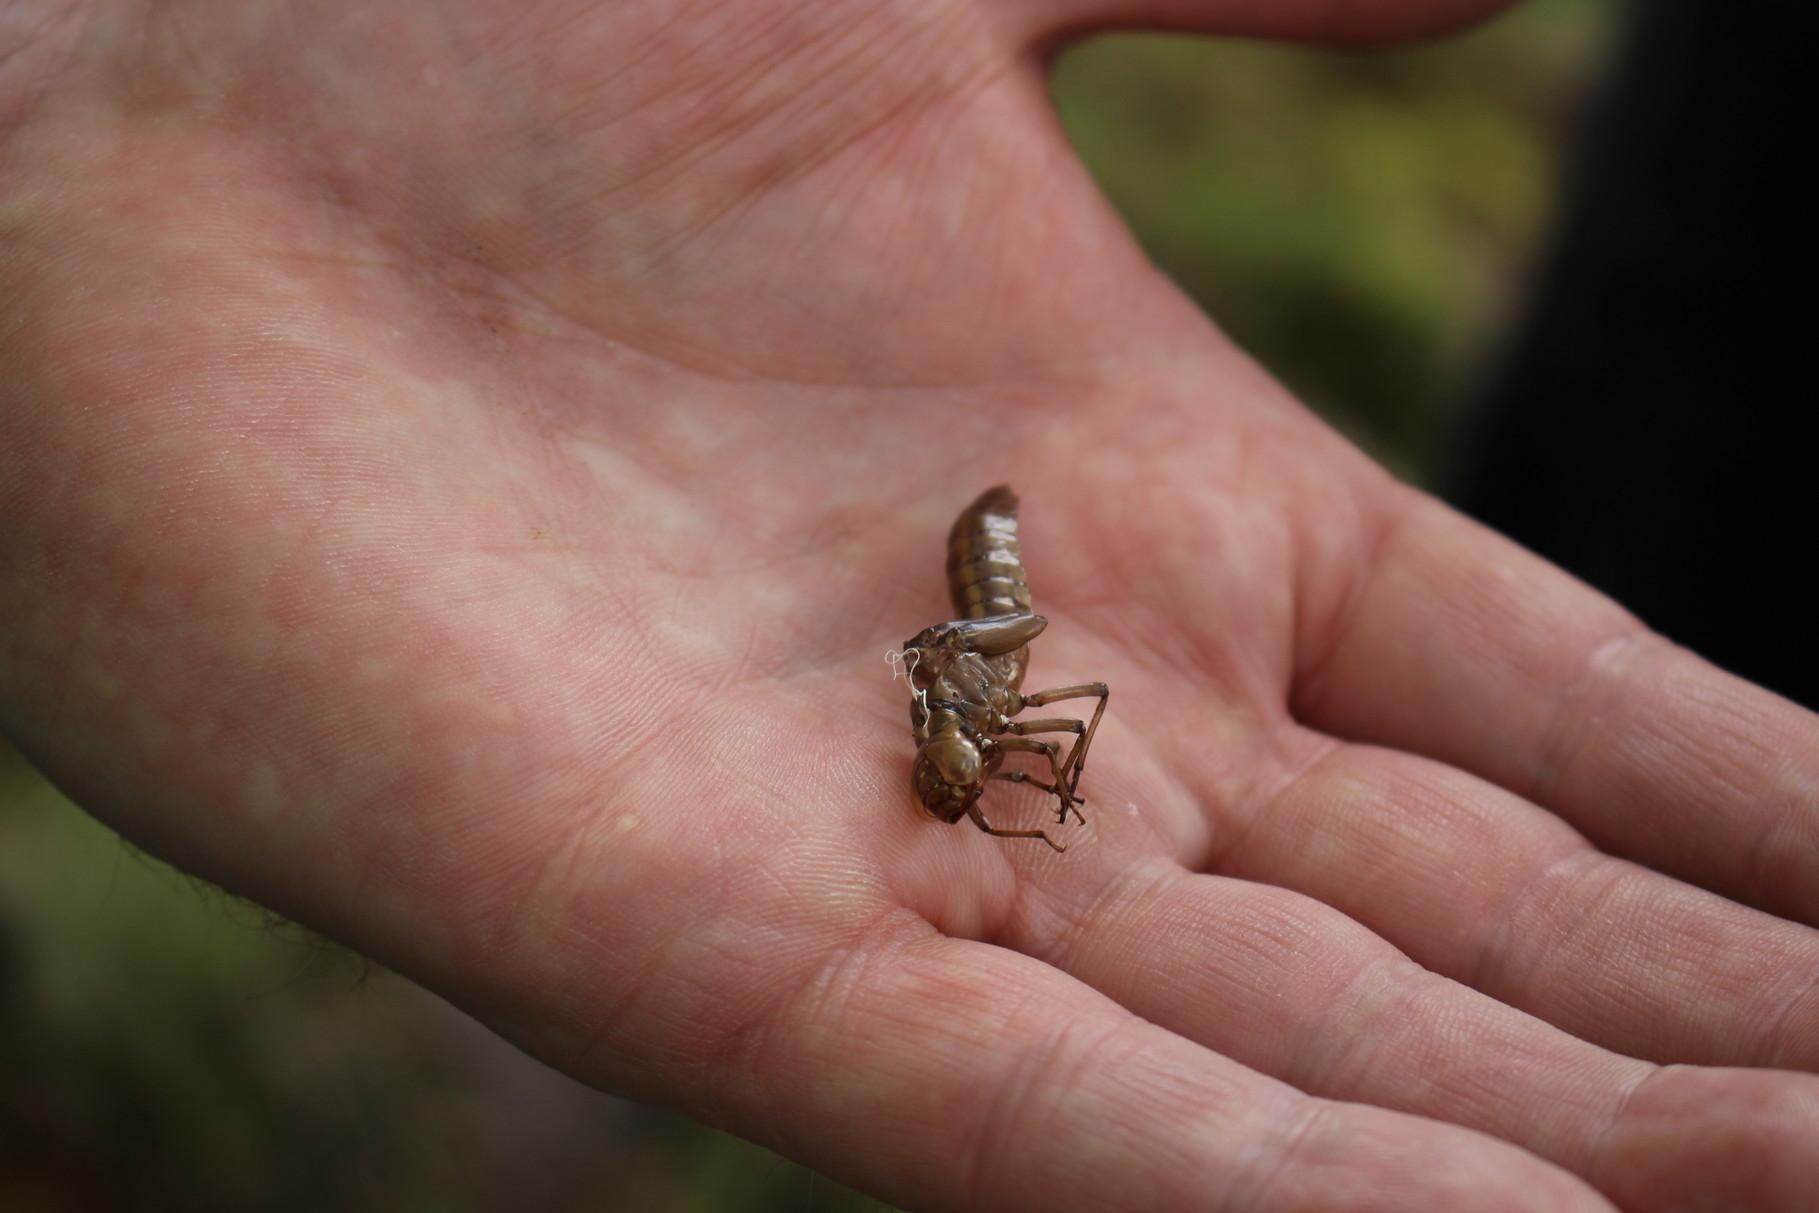 Haut einer geschlüpften Libellenlarve